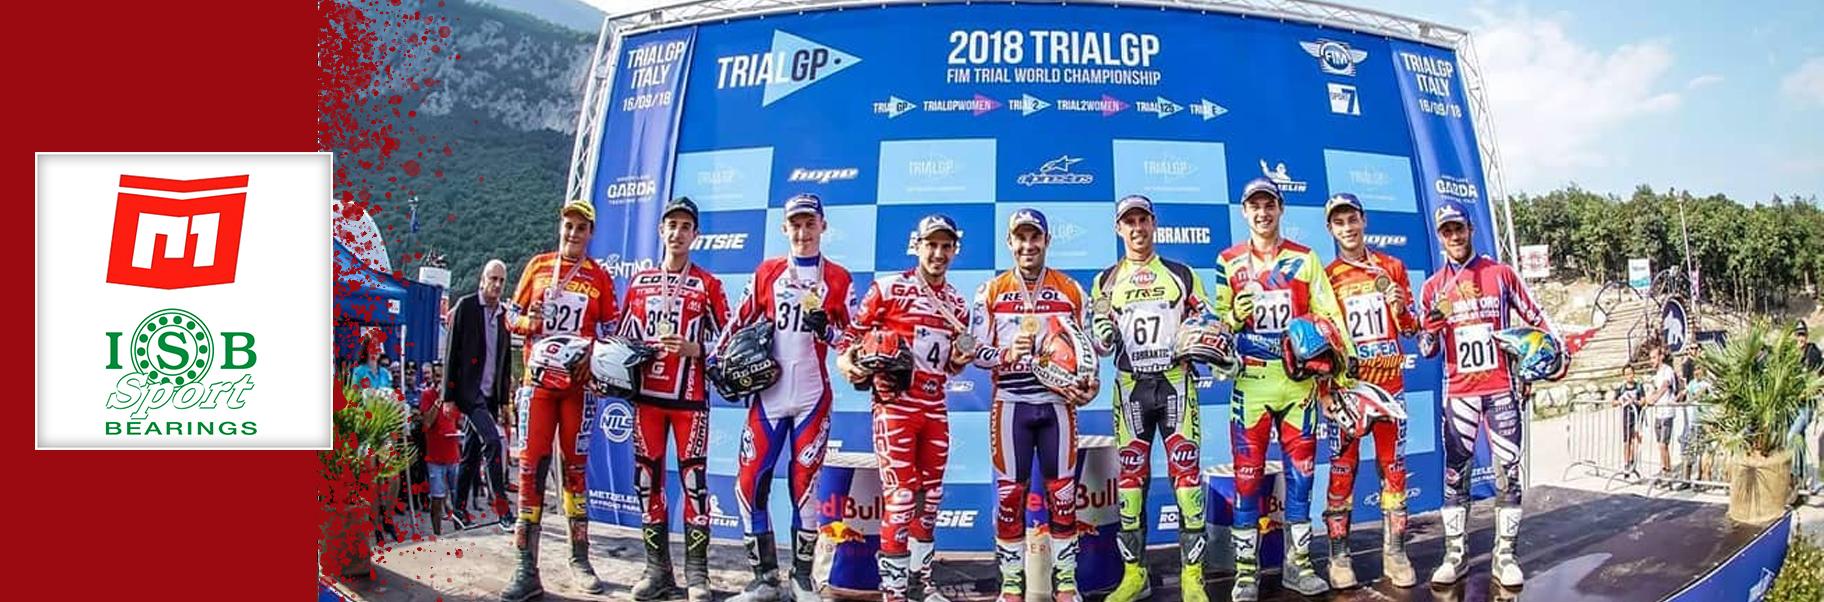 Cabecera Pablo Suarez Trial GP Comas Moto Trial ISB Sport